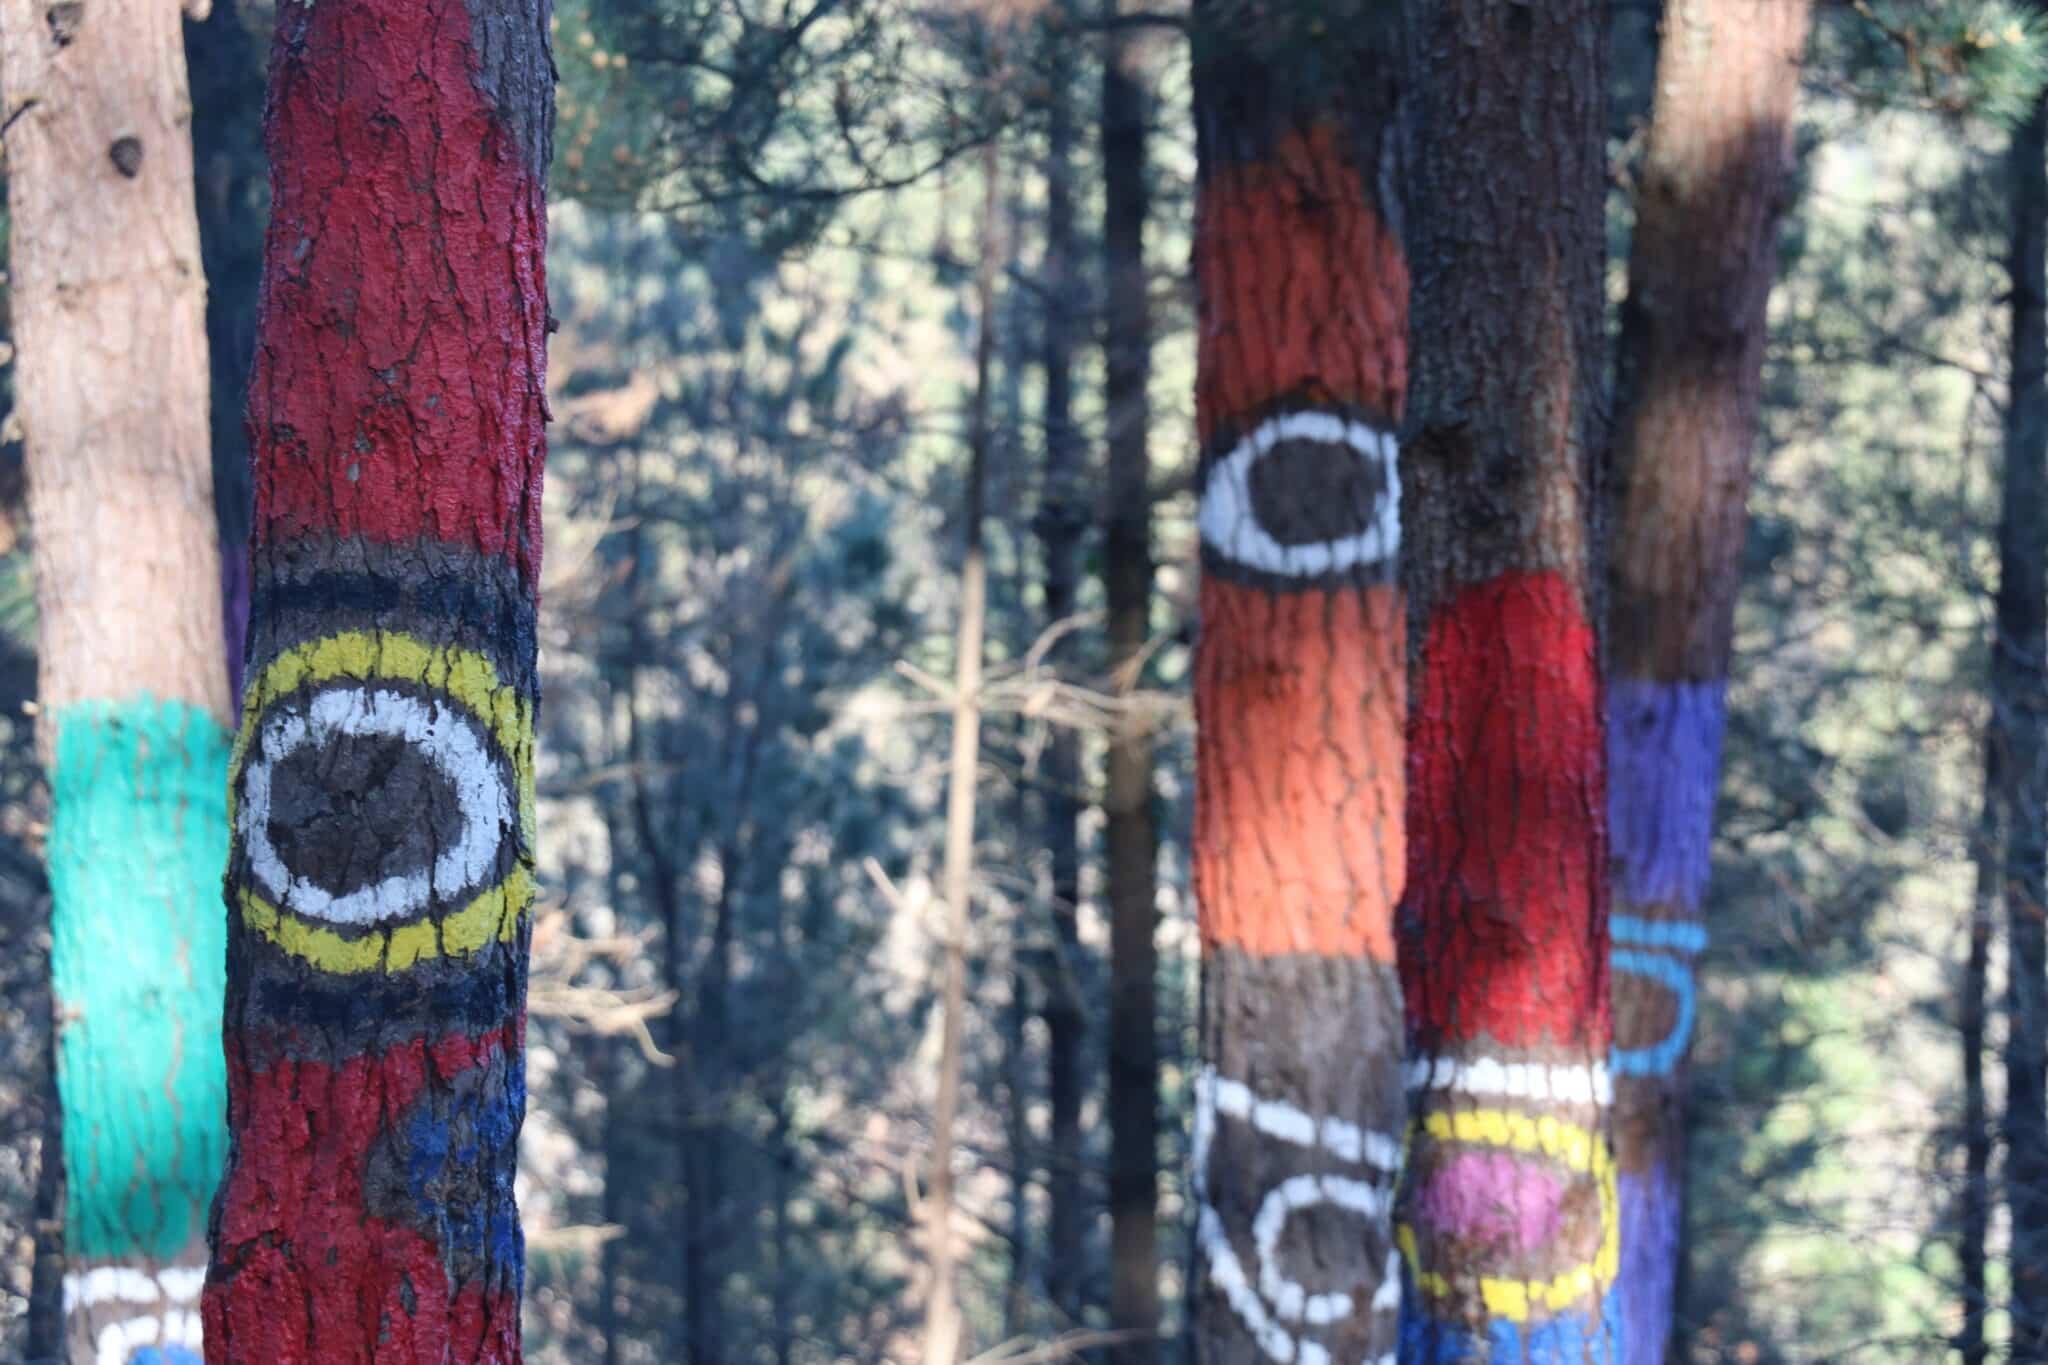 Bosque de Oma, het beschilder bos